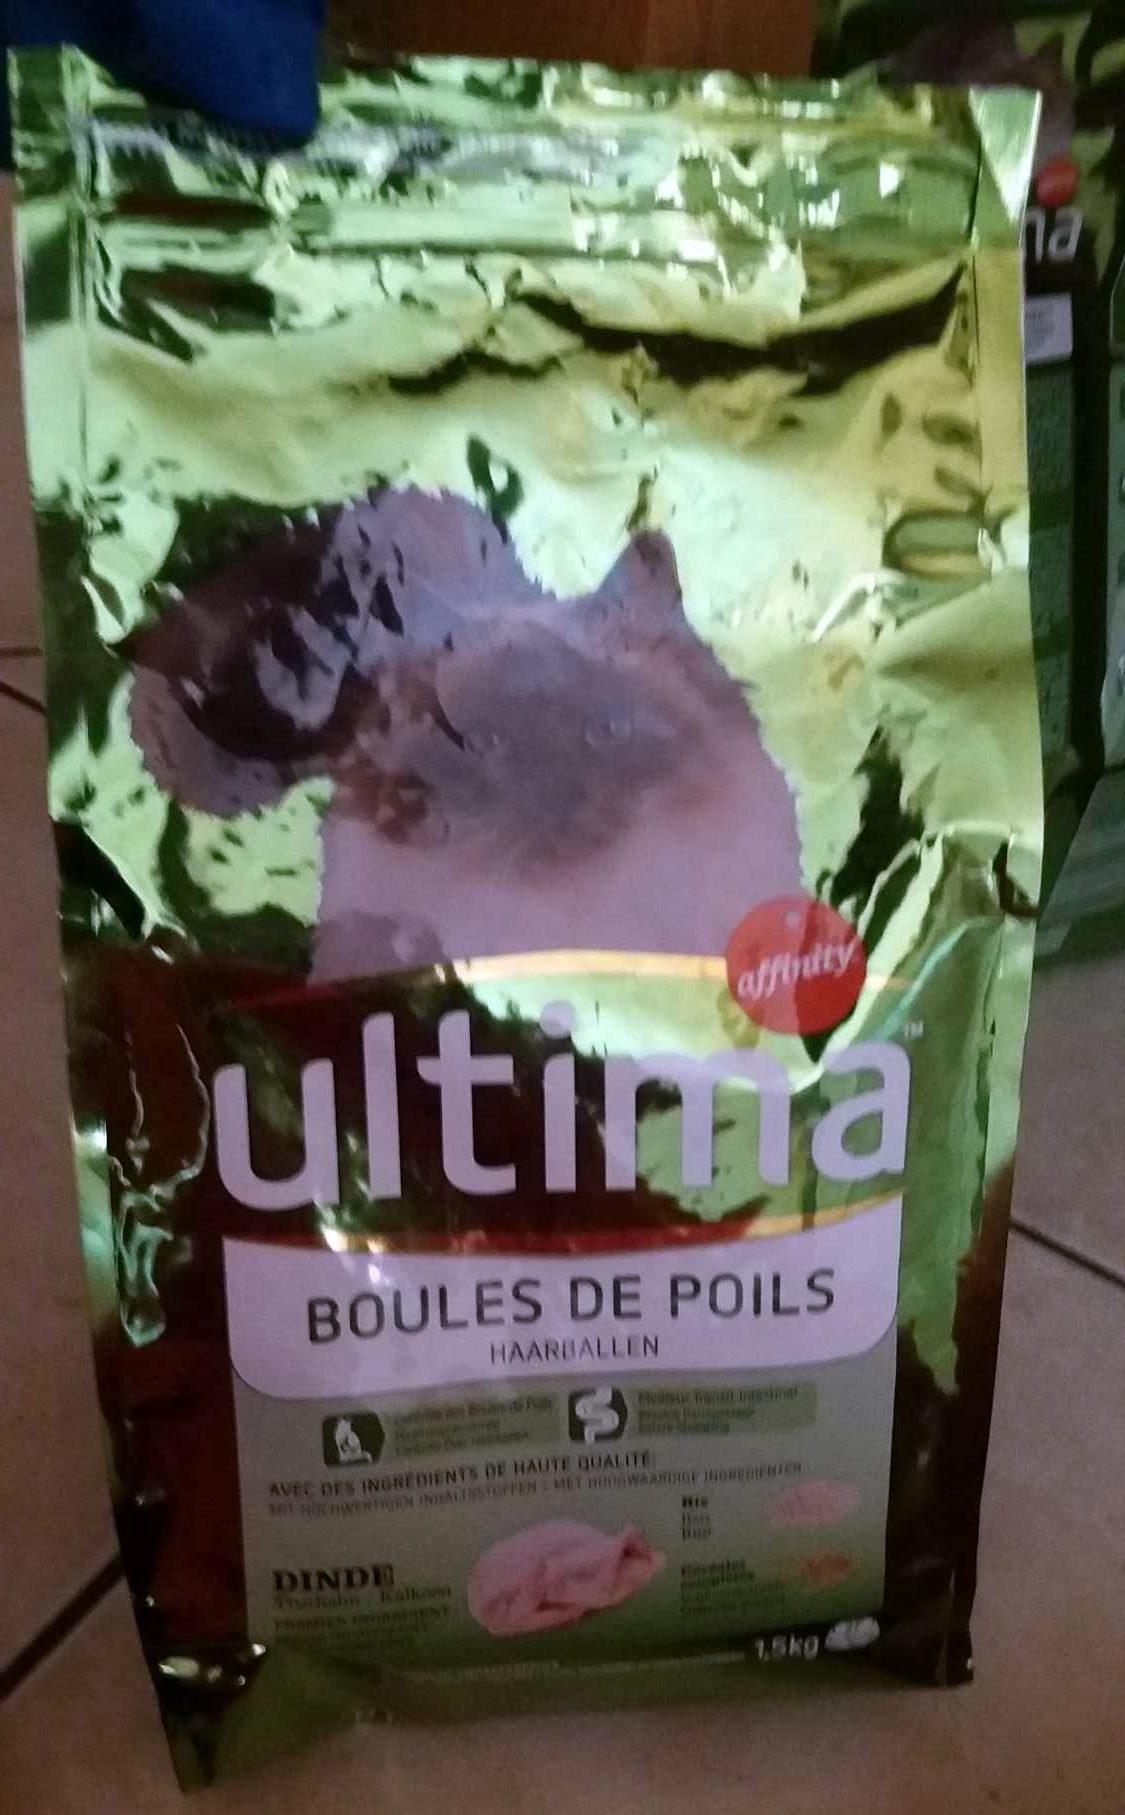 Ultima - Croquettes Boules De Poils à La Dinde Pour Chat - 1,5KG - Product